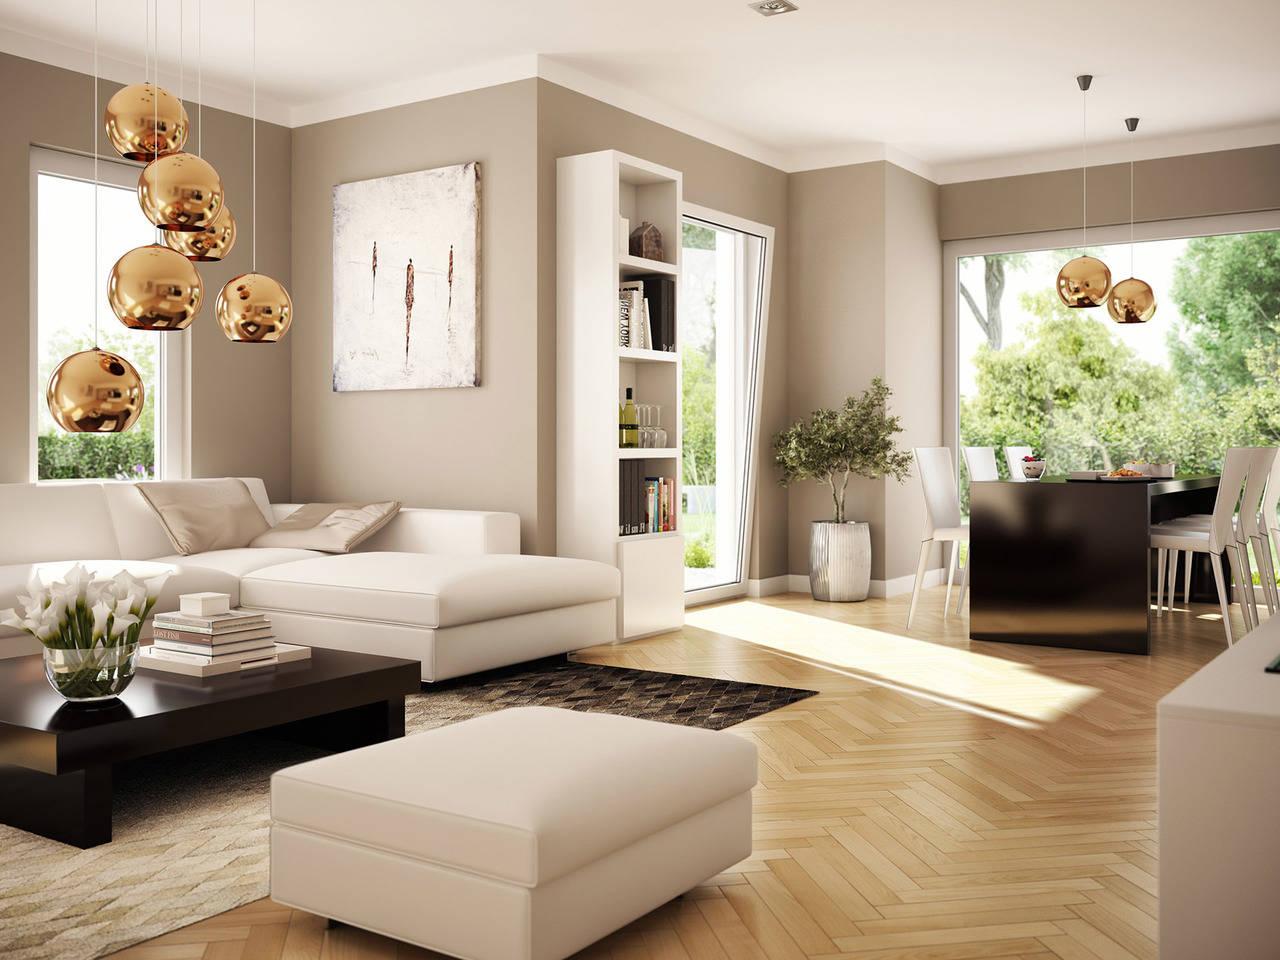 Haus SOLUTION 87 V7 Wohnbereich von Living Haus